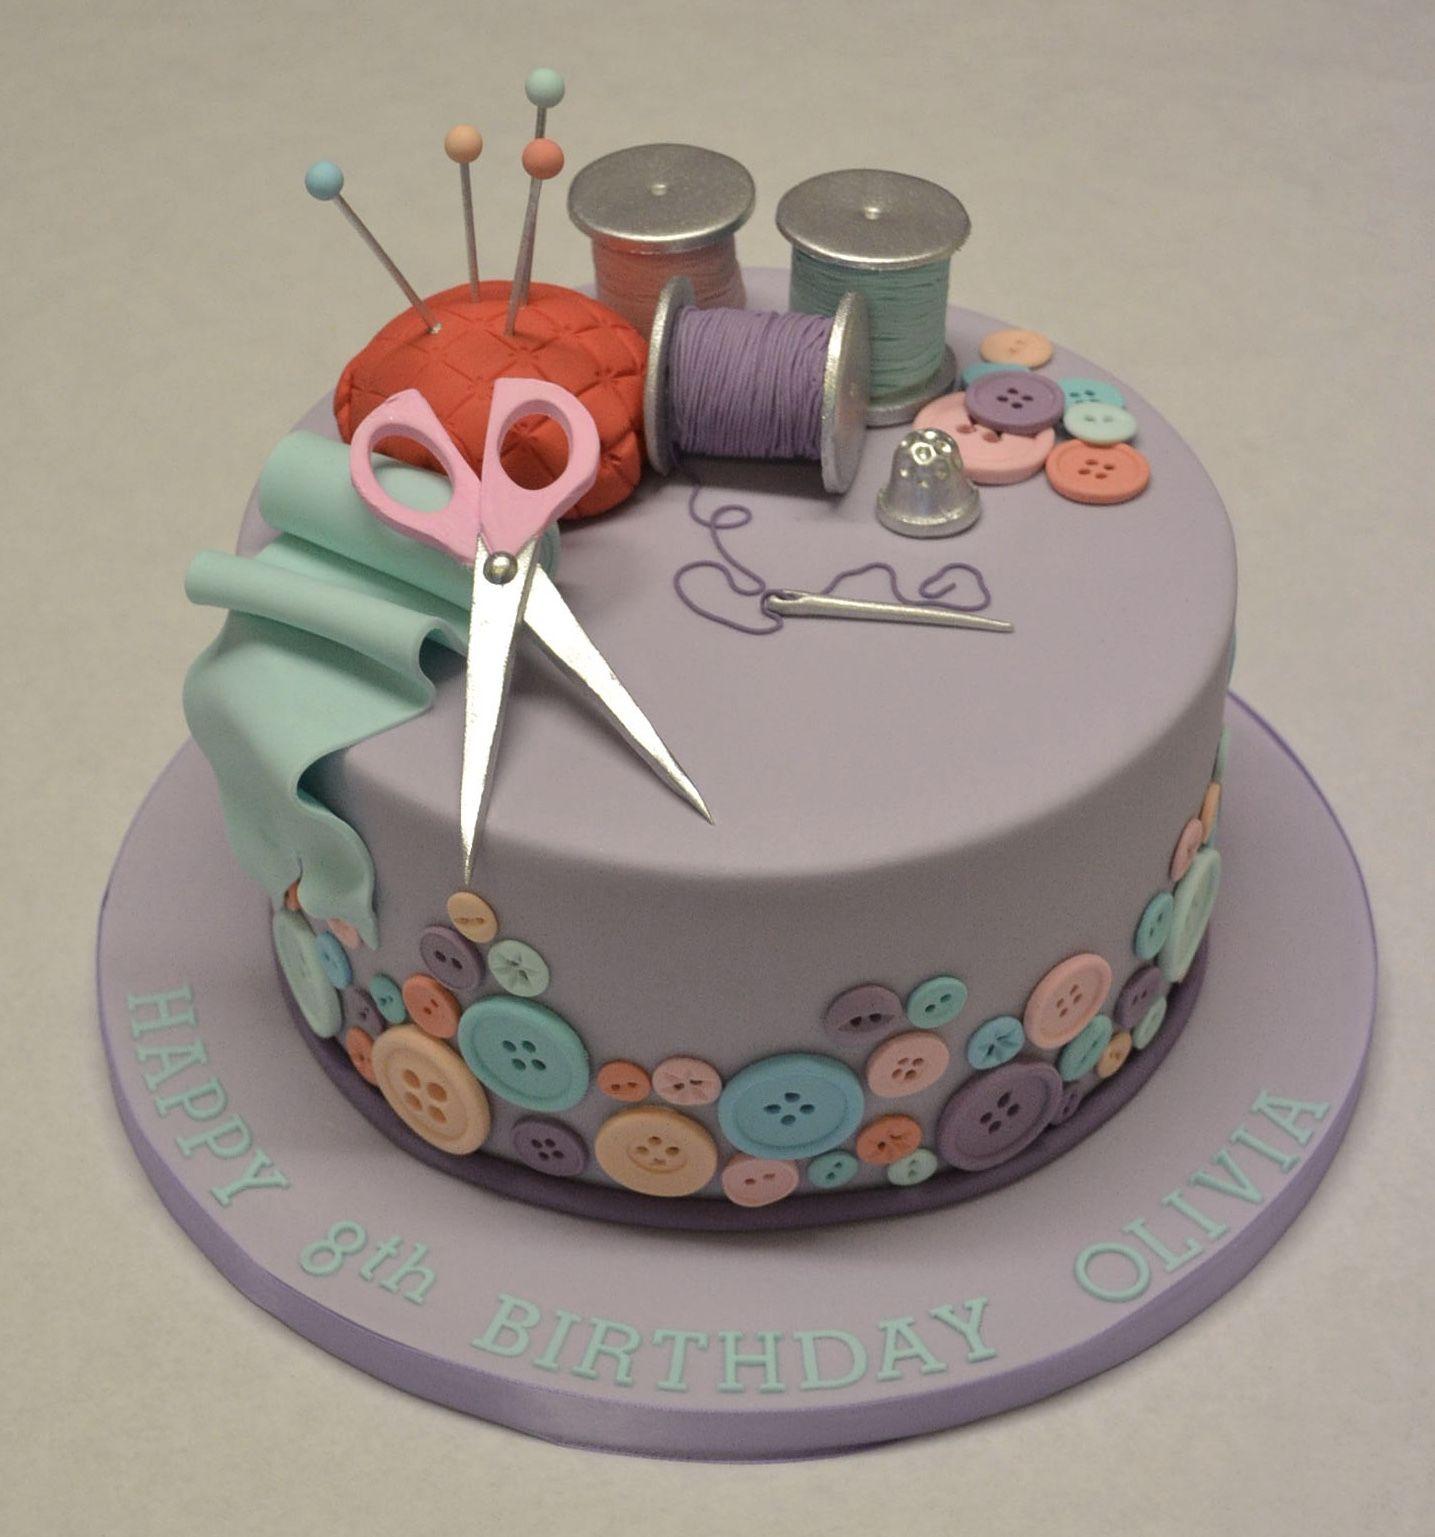 Sewing and Needlework Cake Cake ideas Pinterest Needlework